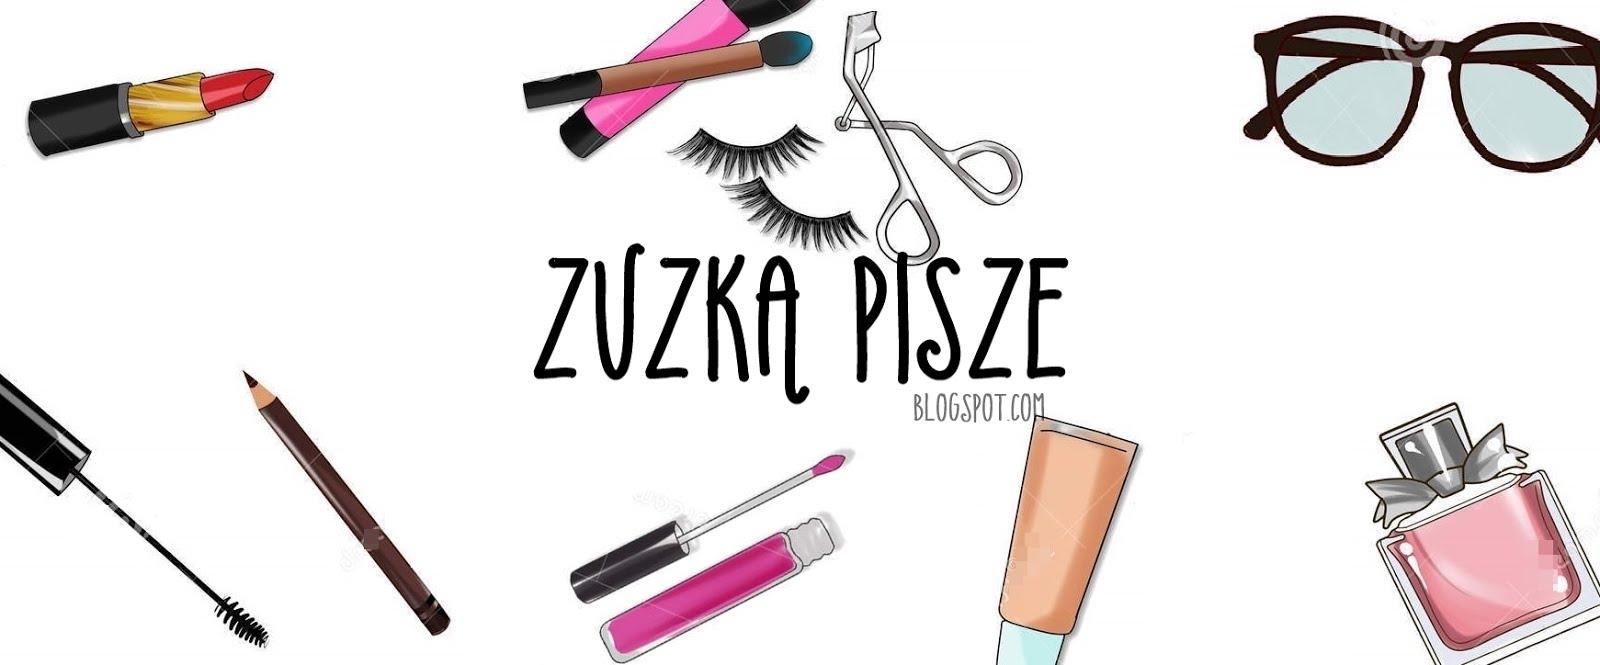 ZuzkaPisze